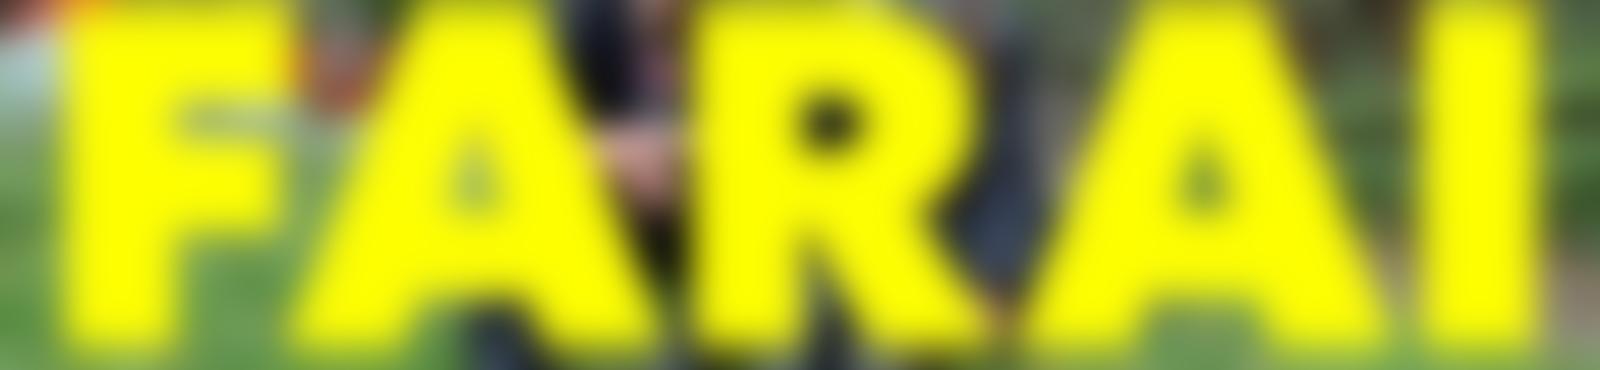 Blurred b4ad988a 3b01 4d11 a79d 1f129d40f274